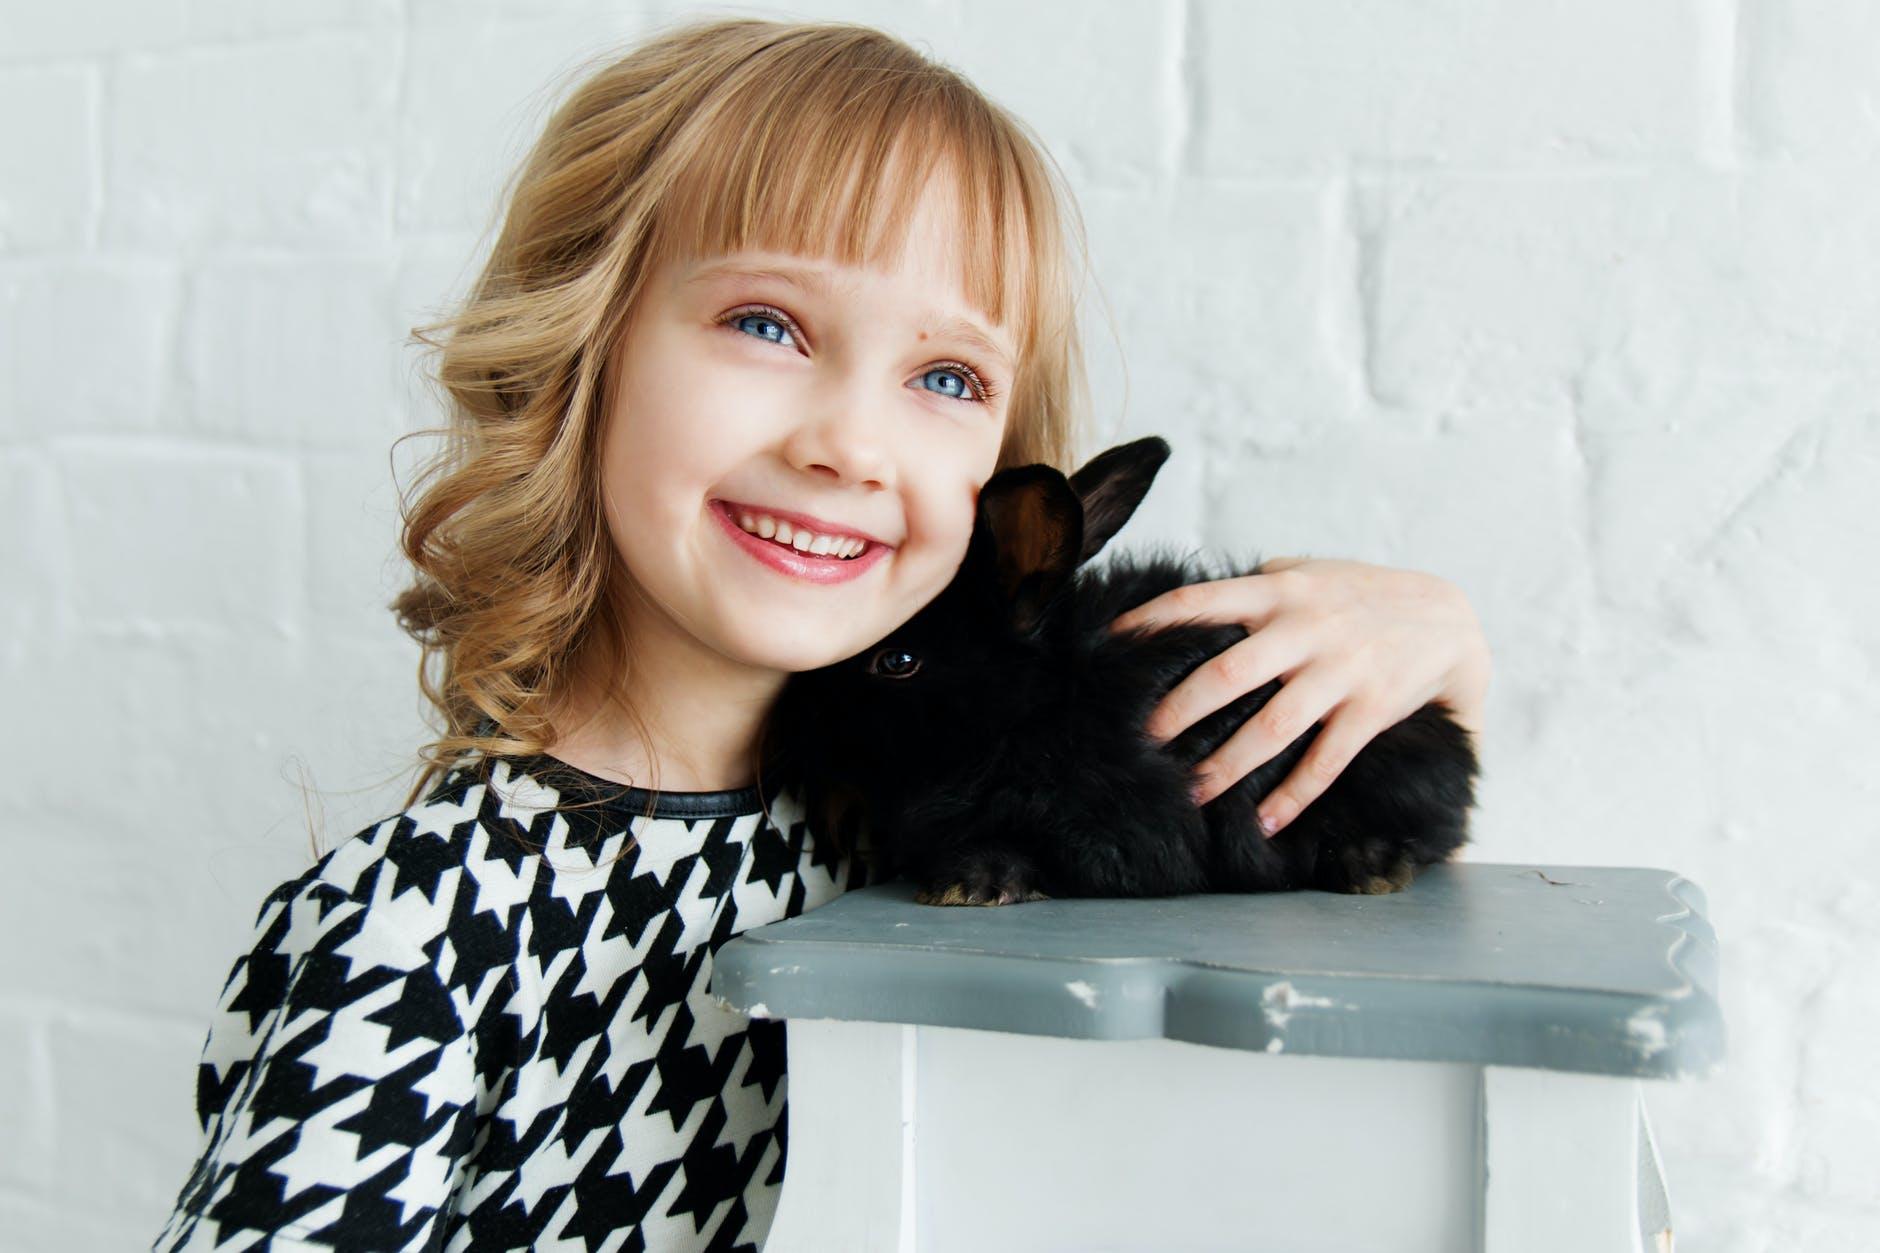 girl holding black rabbit